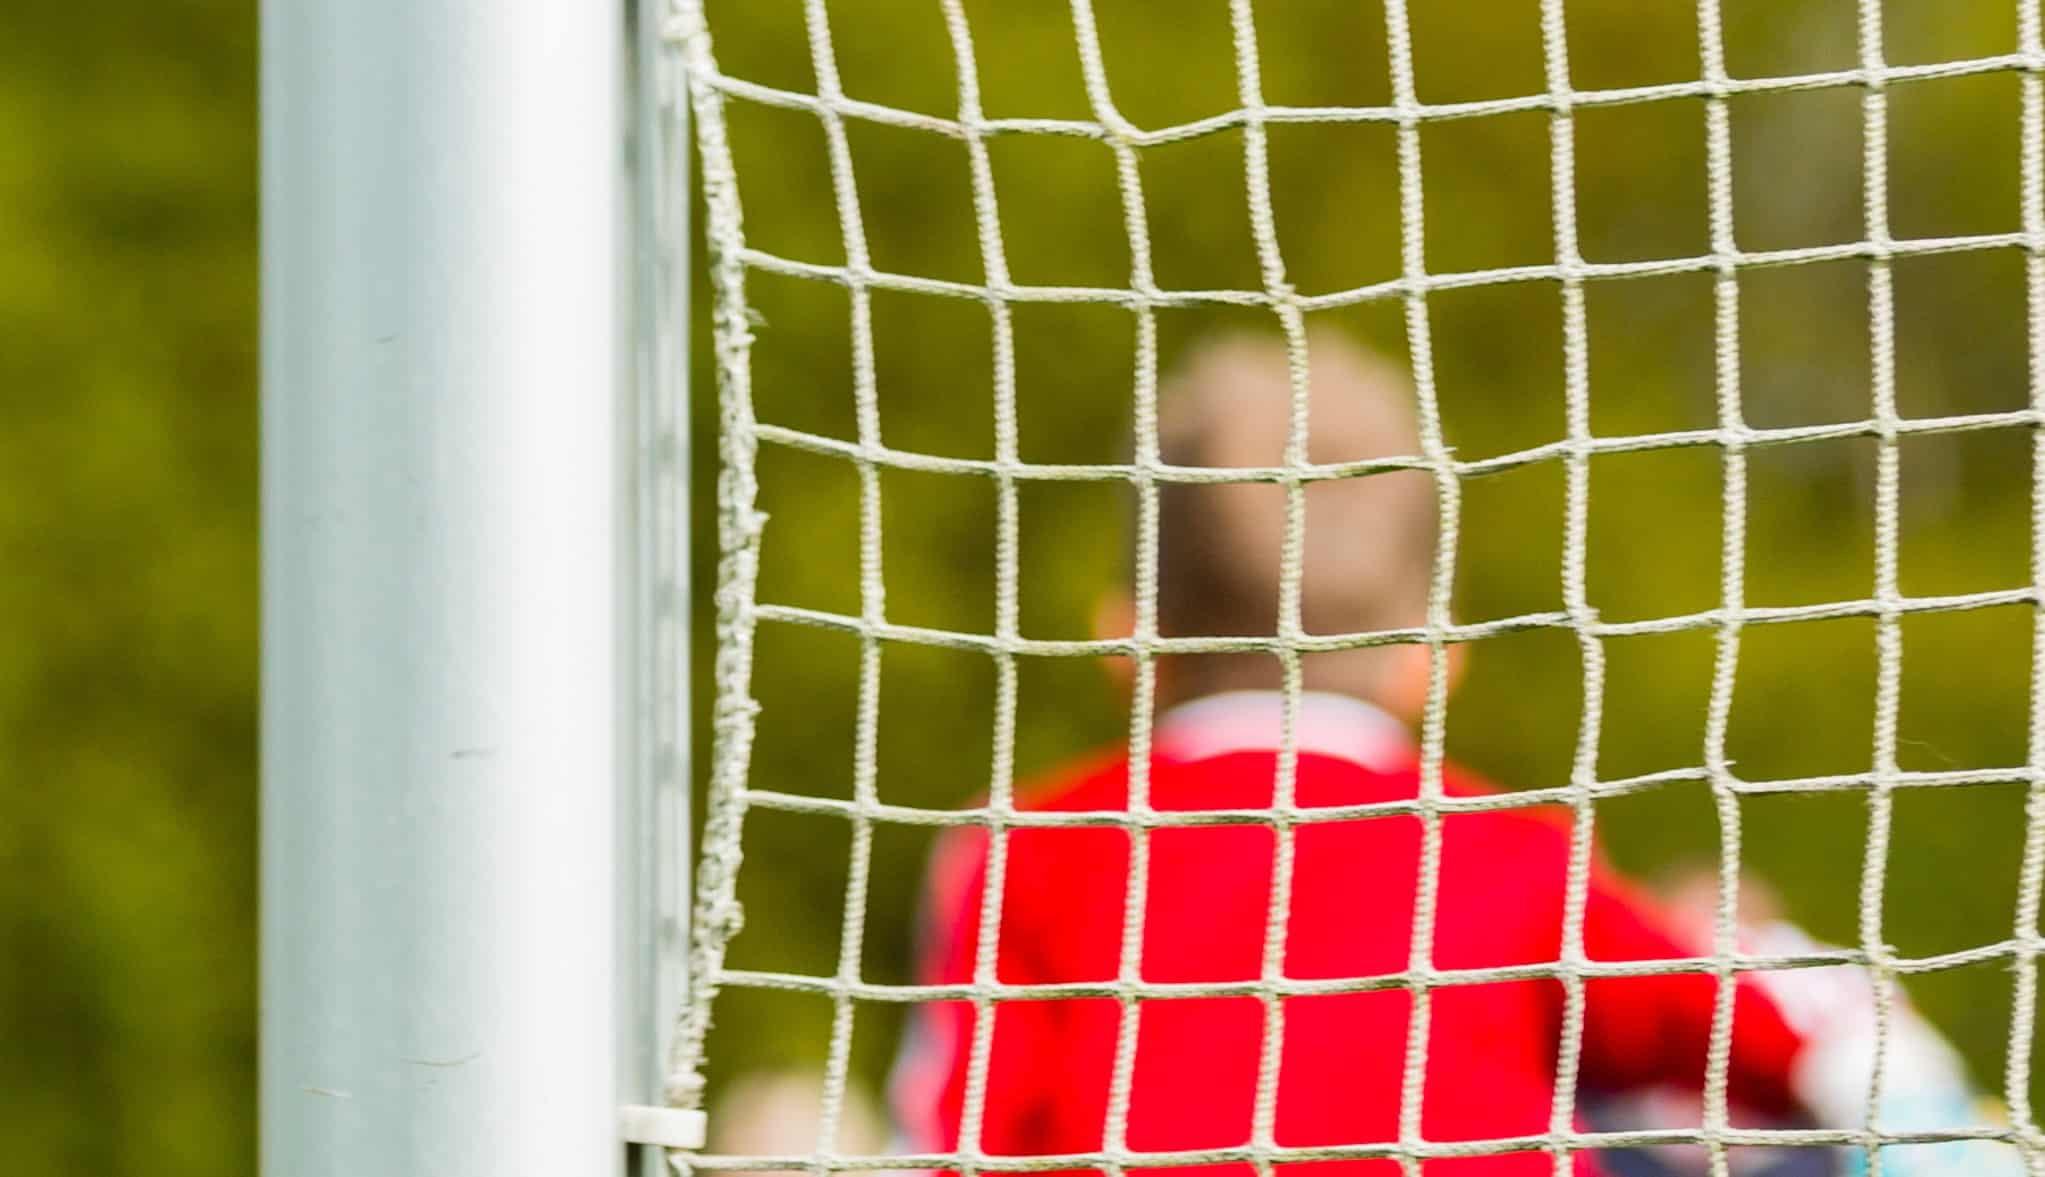 Voetbaldoel: Wat zijn de beste voetbaldoelen van 2020?